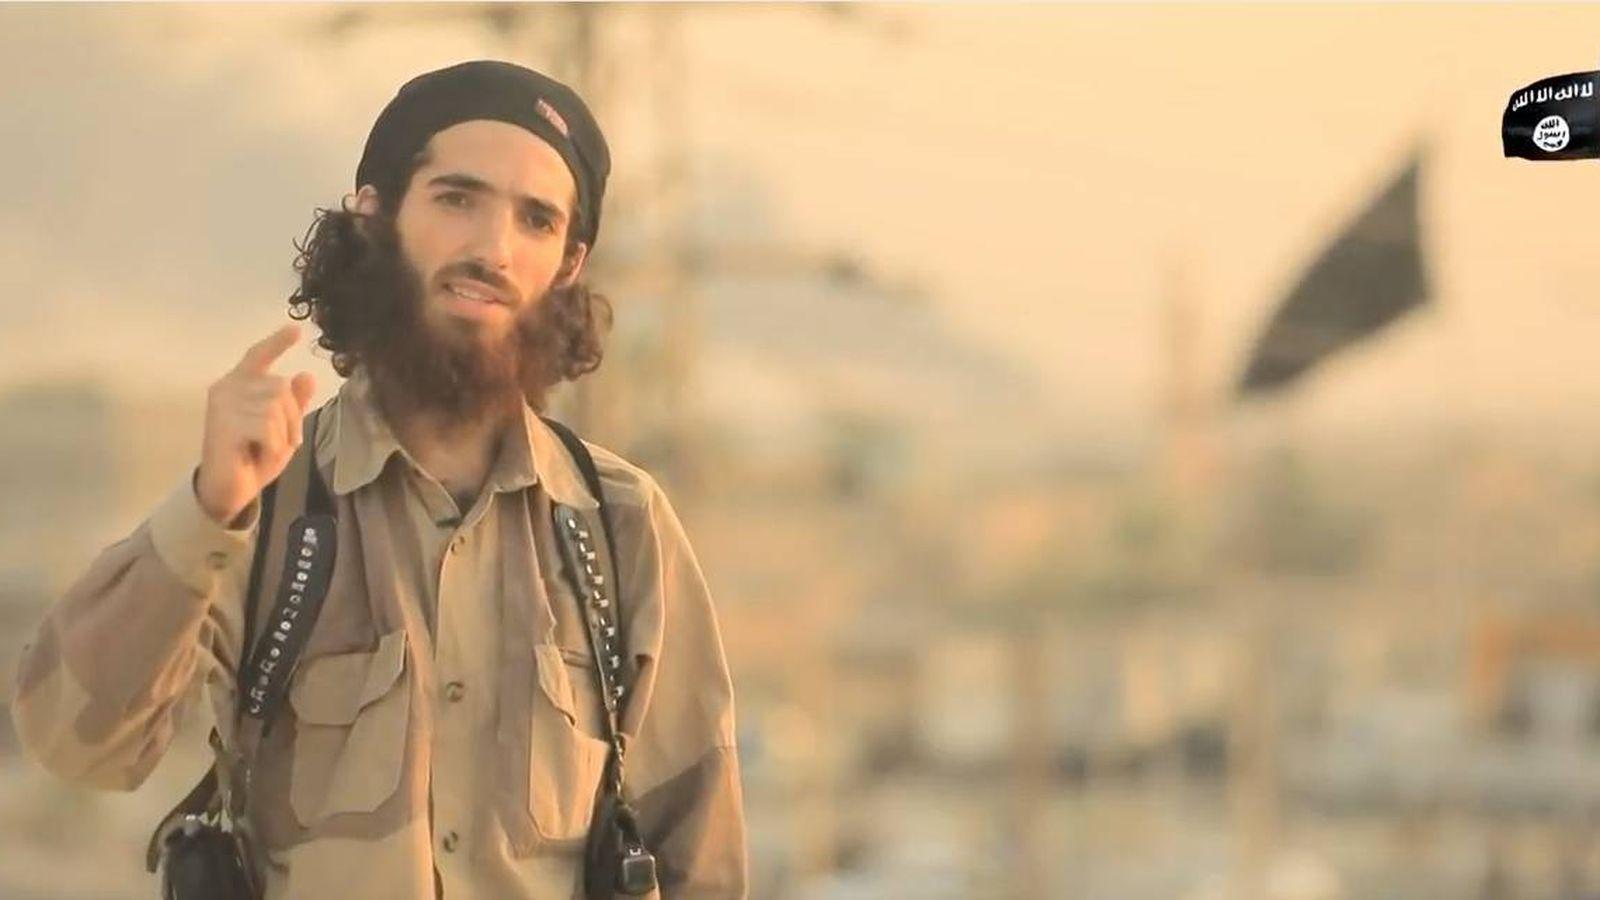 Foto: Imagen del vídeo distribuido por el ISIS.